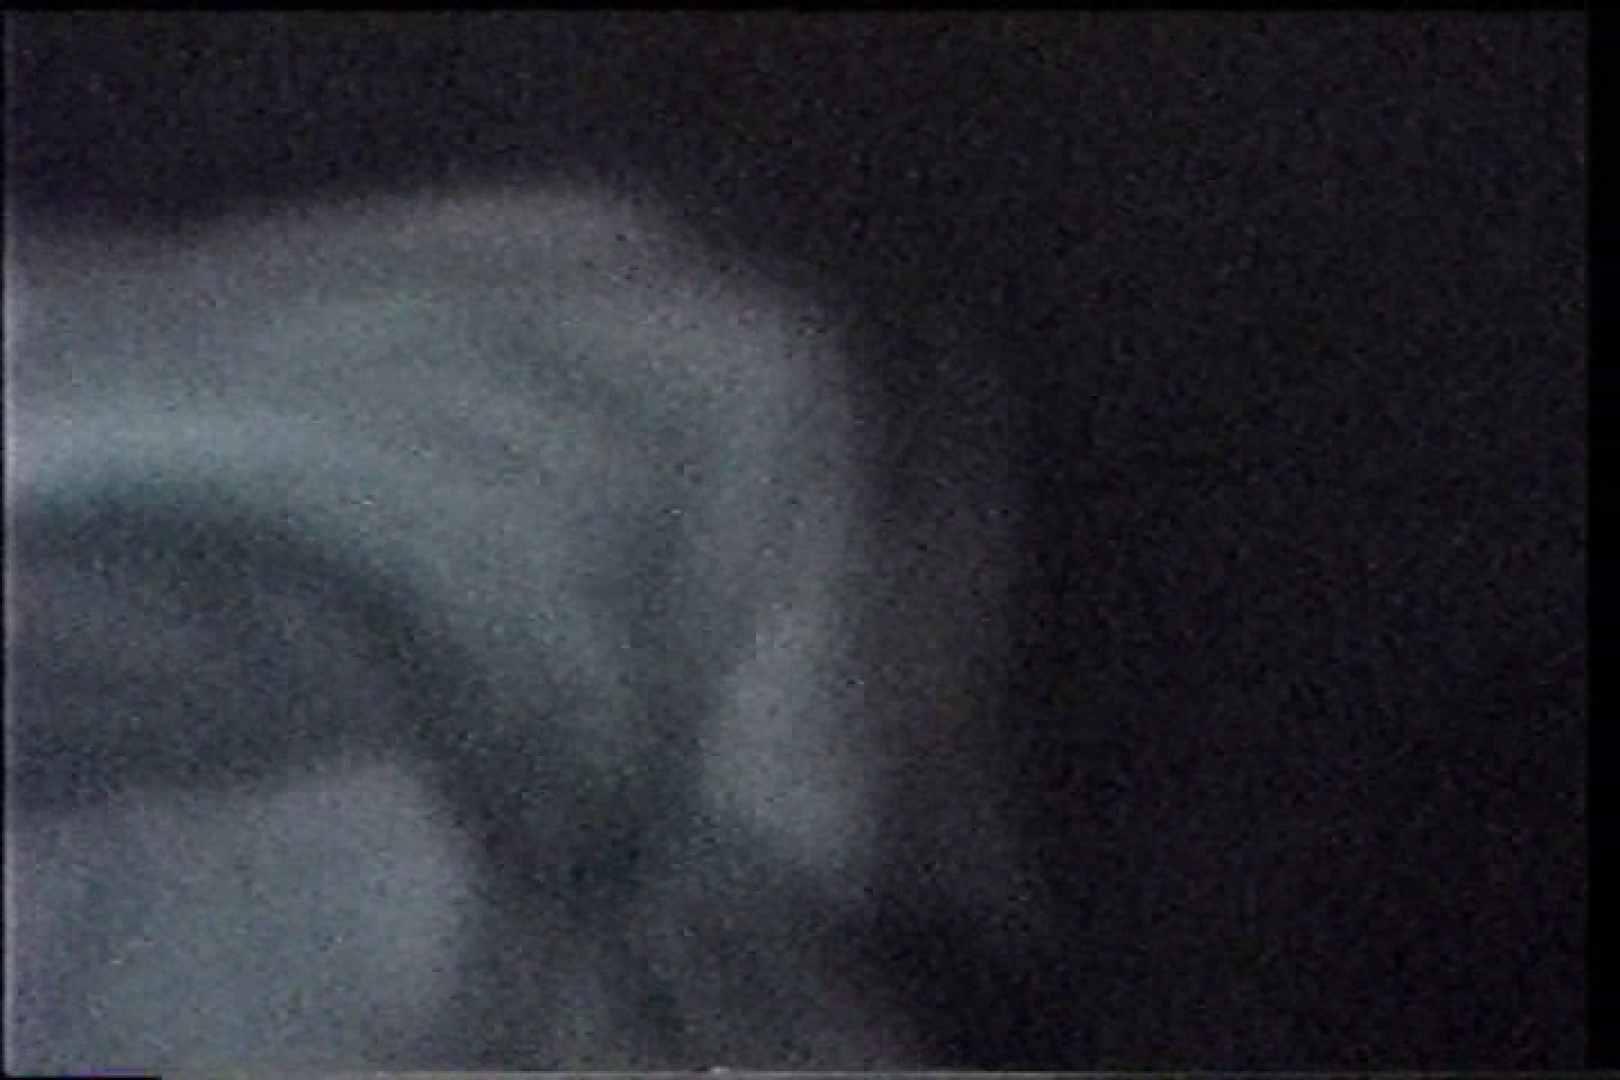 充血監督の深夜の運動会Vol.228 カップルもろsex セックス画像 72PICs 56